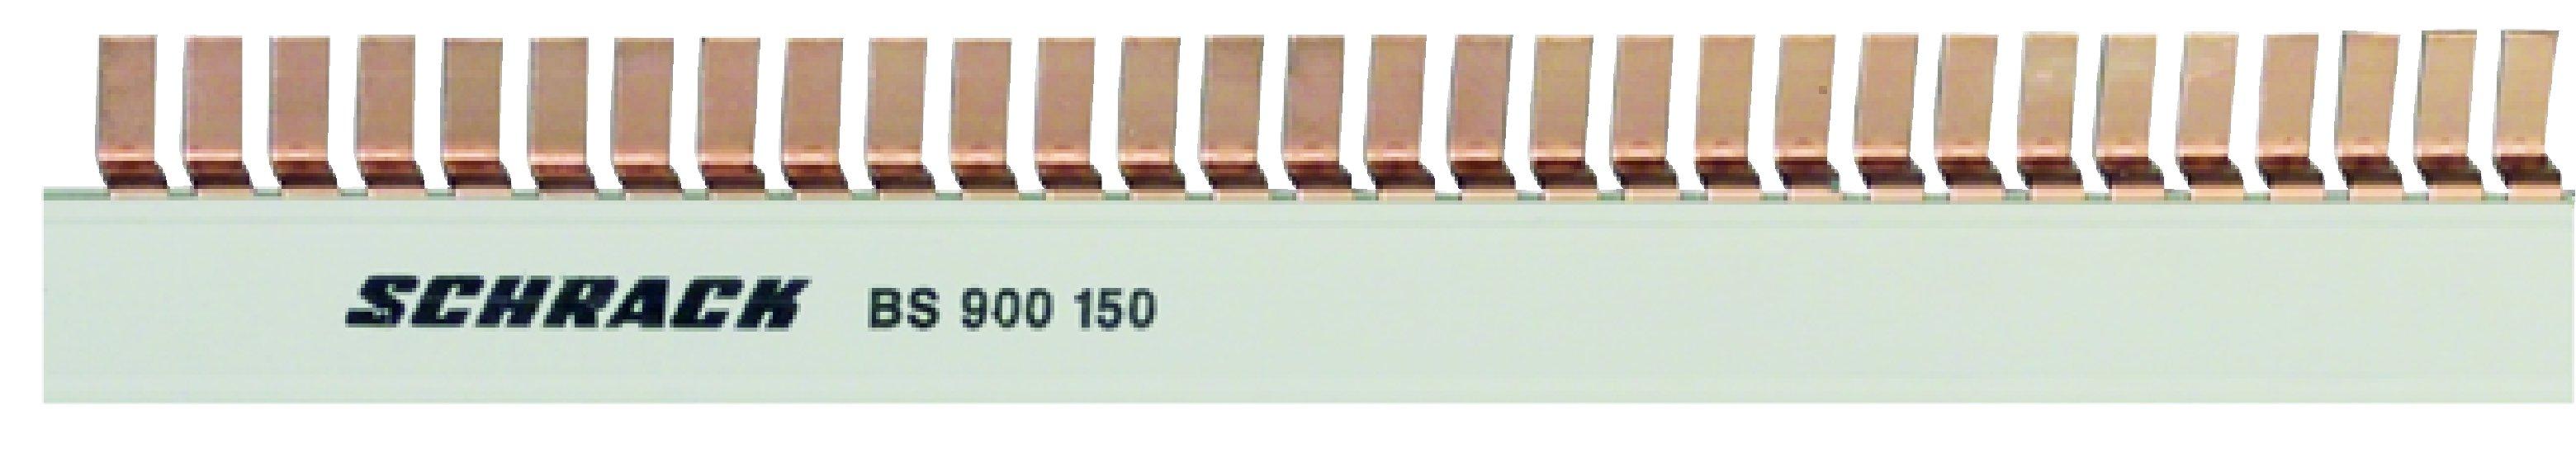 1 Stk Stiftverschienung N, Stiftbreite 6mm, 16mm², TE=9mm, 1m BS990151--